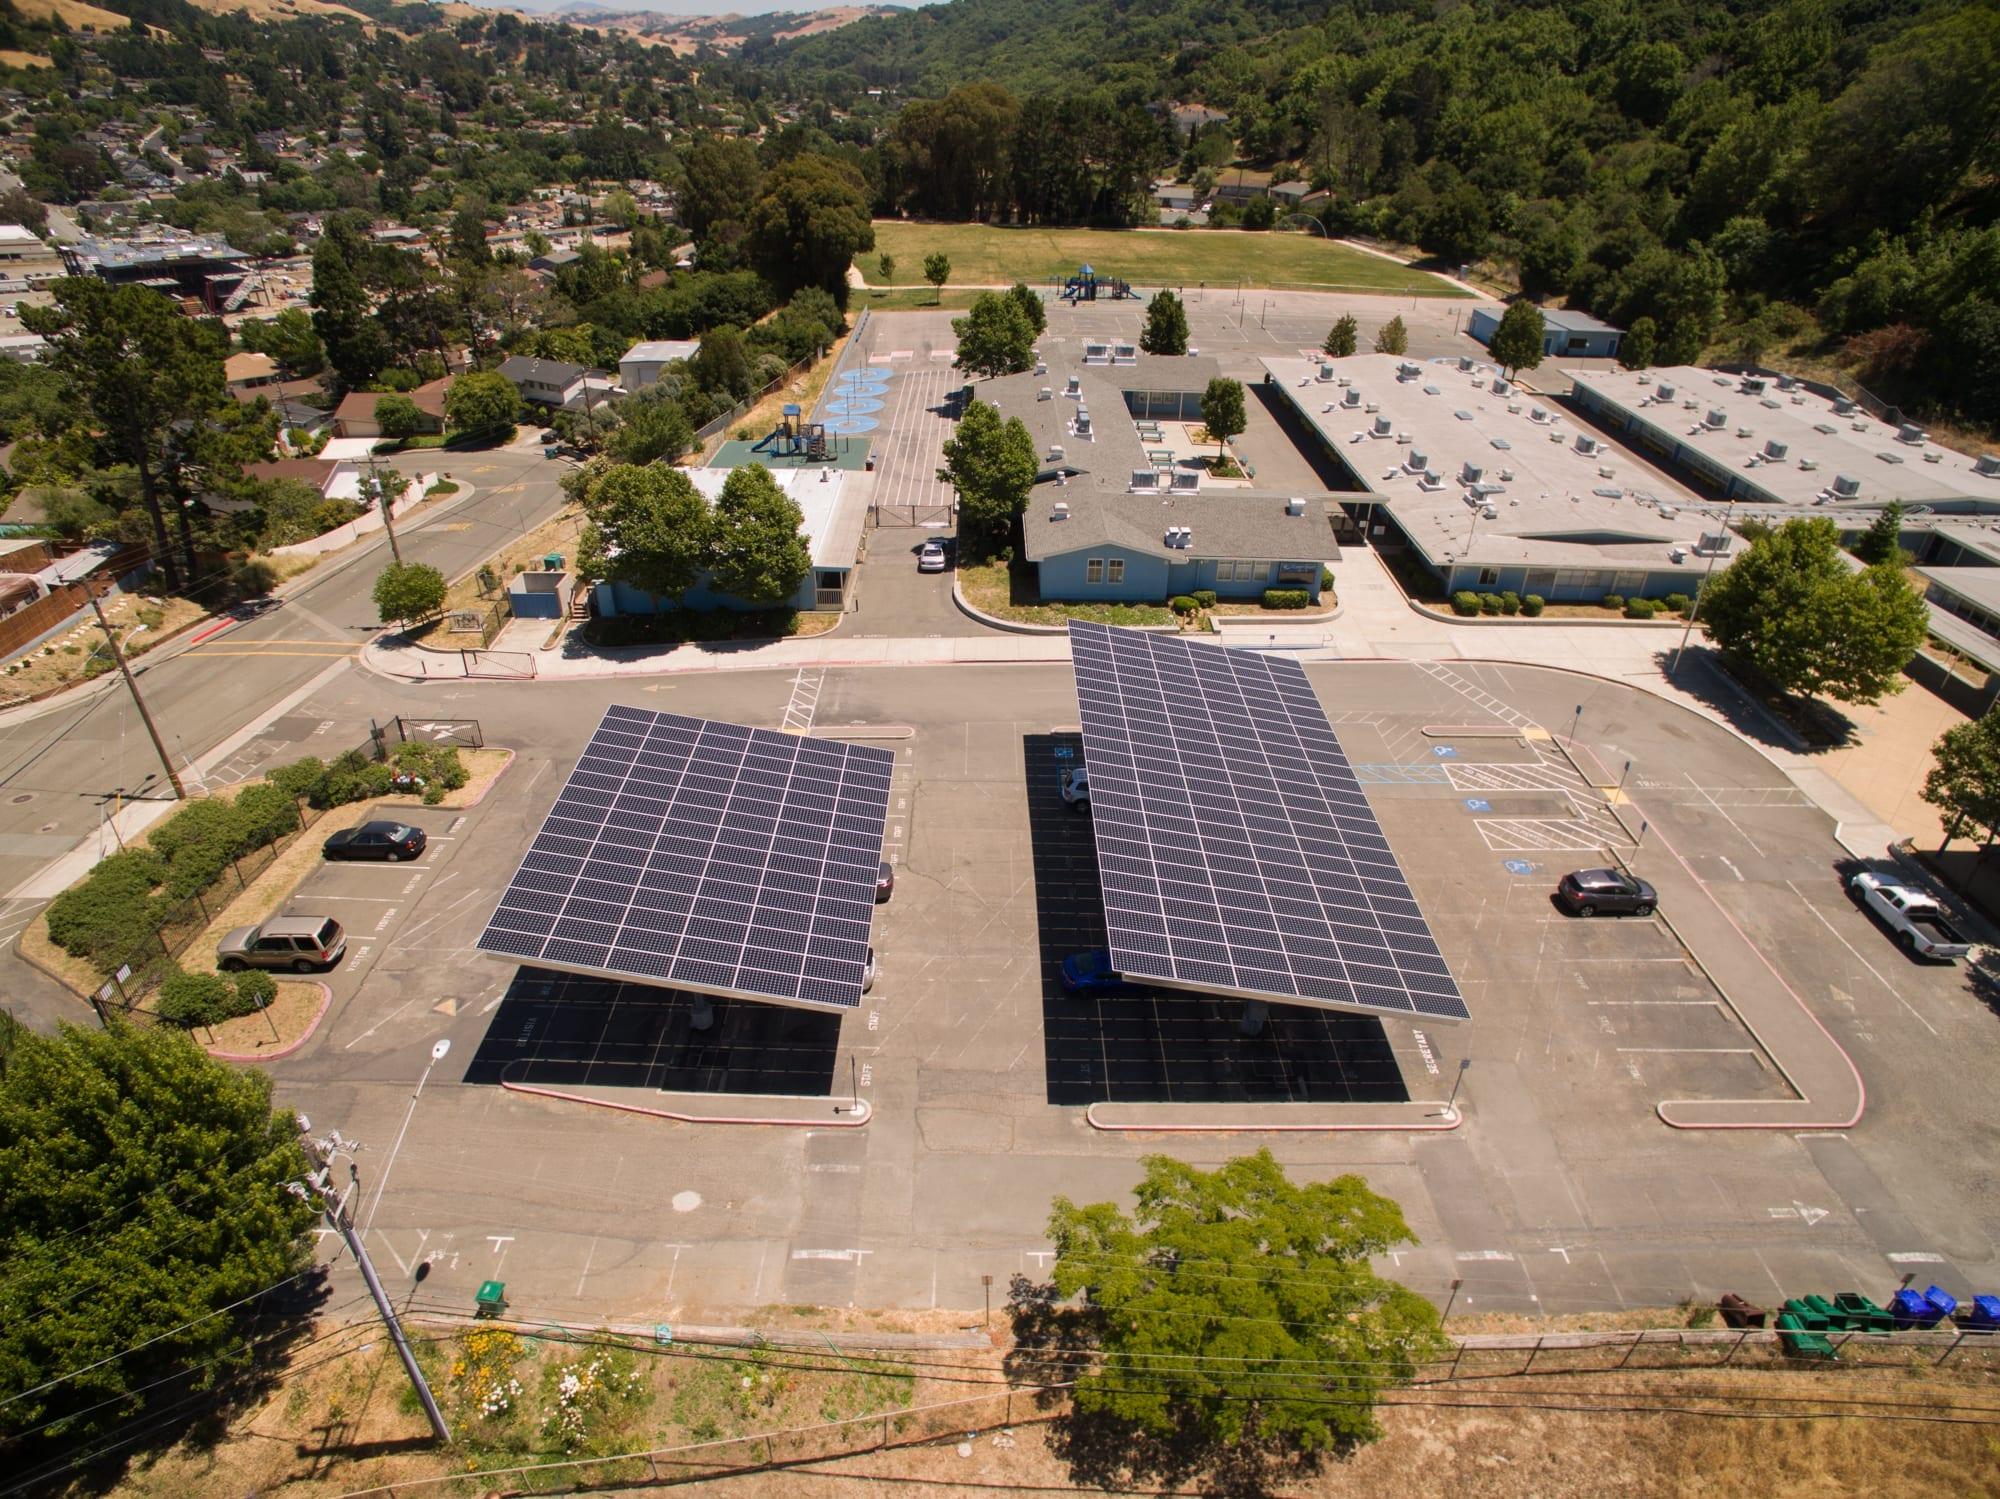 Carport solar installation